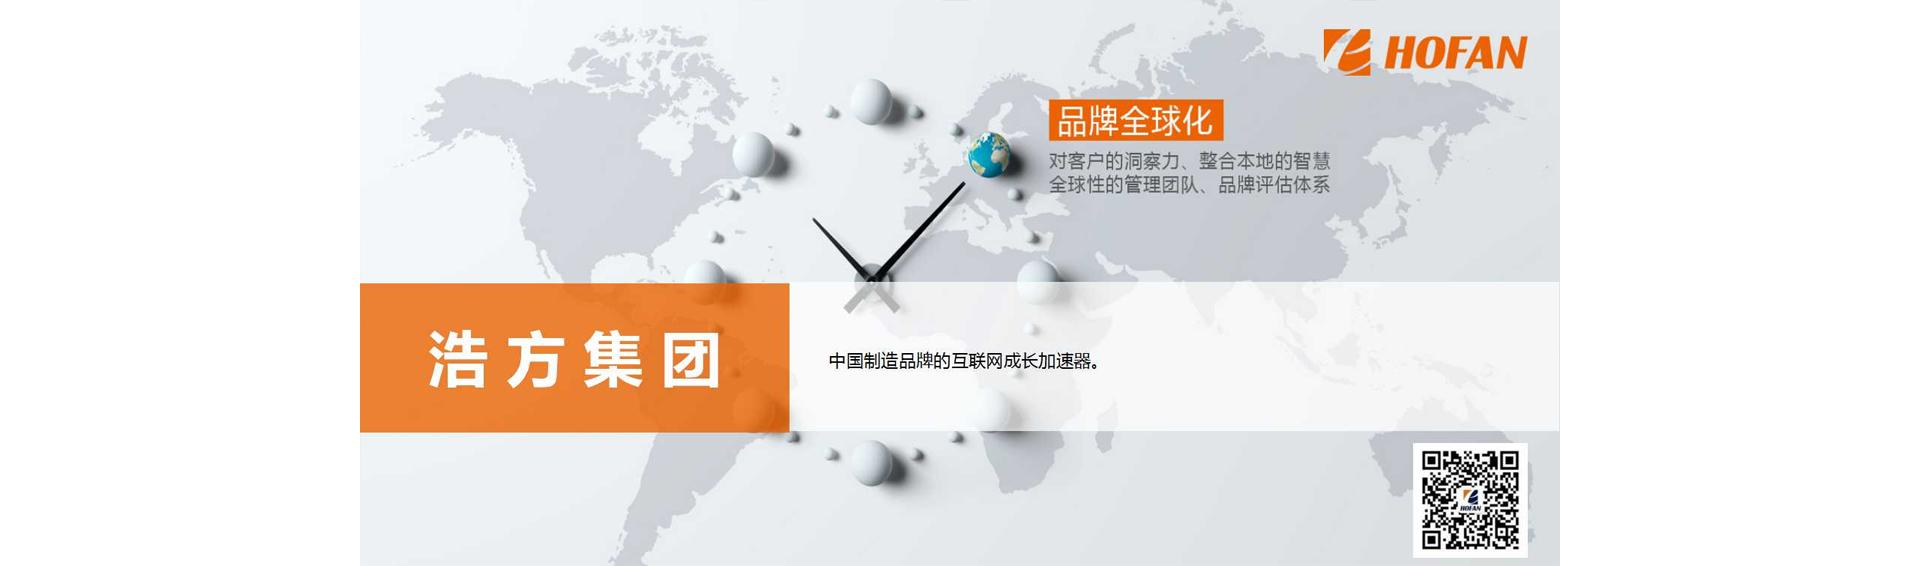 公司简介 - 浩方集团官方网站